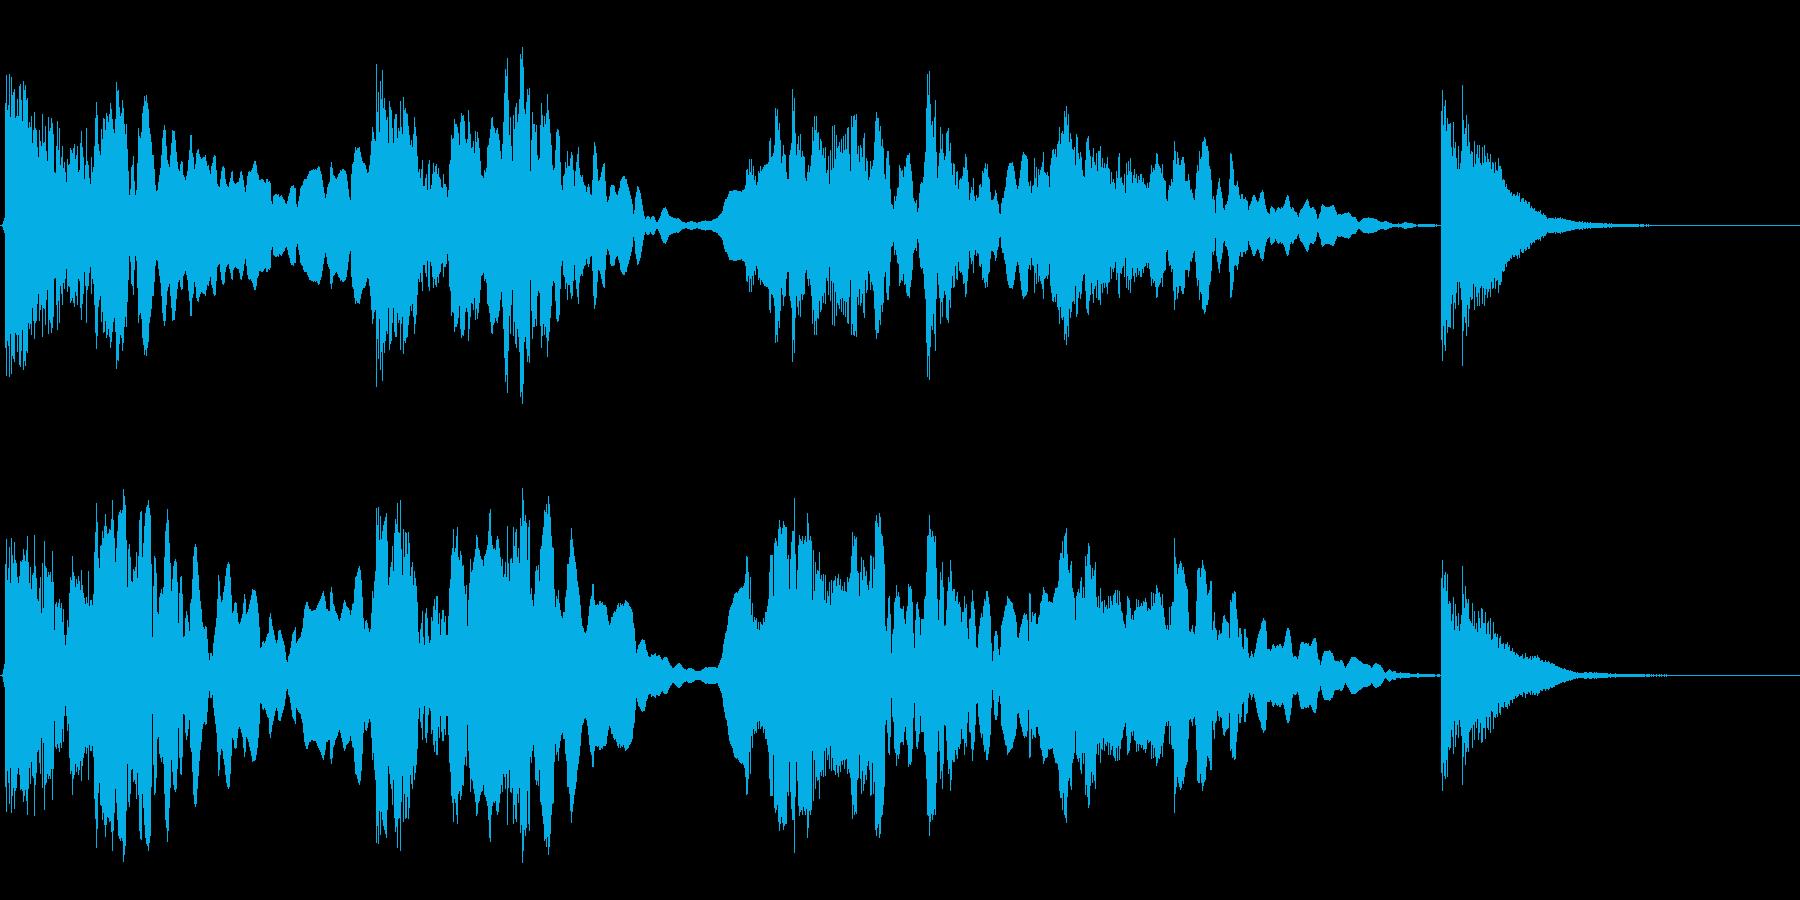 尺八と三味線のジングルの再生済みの波形